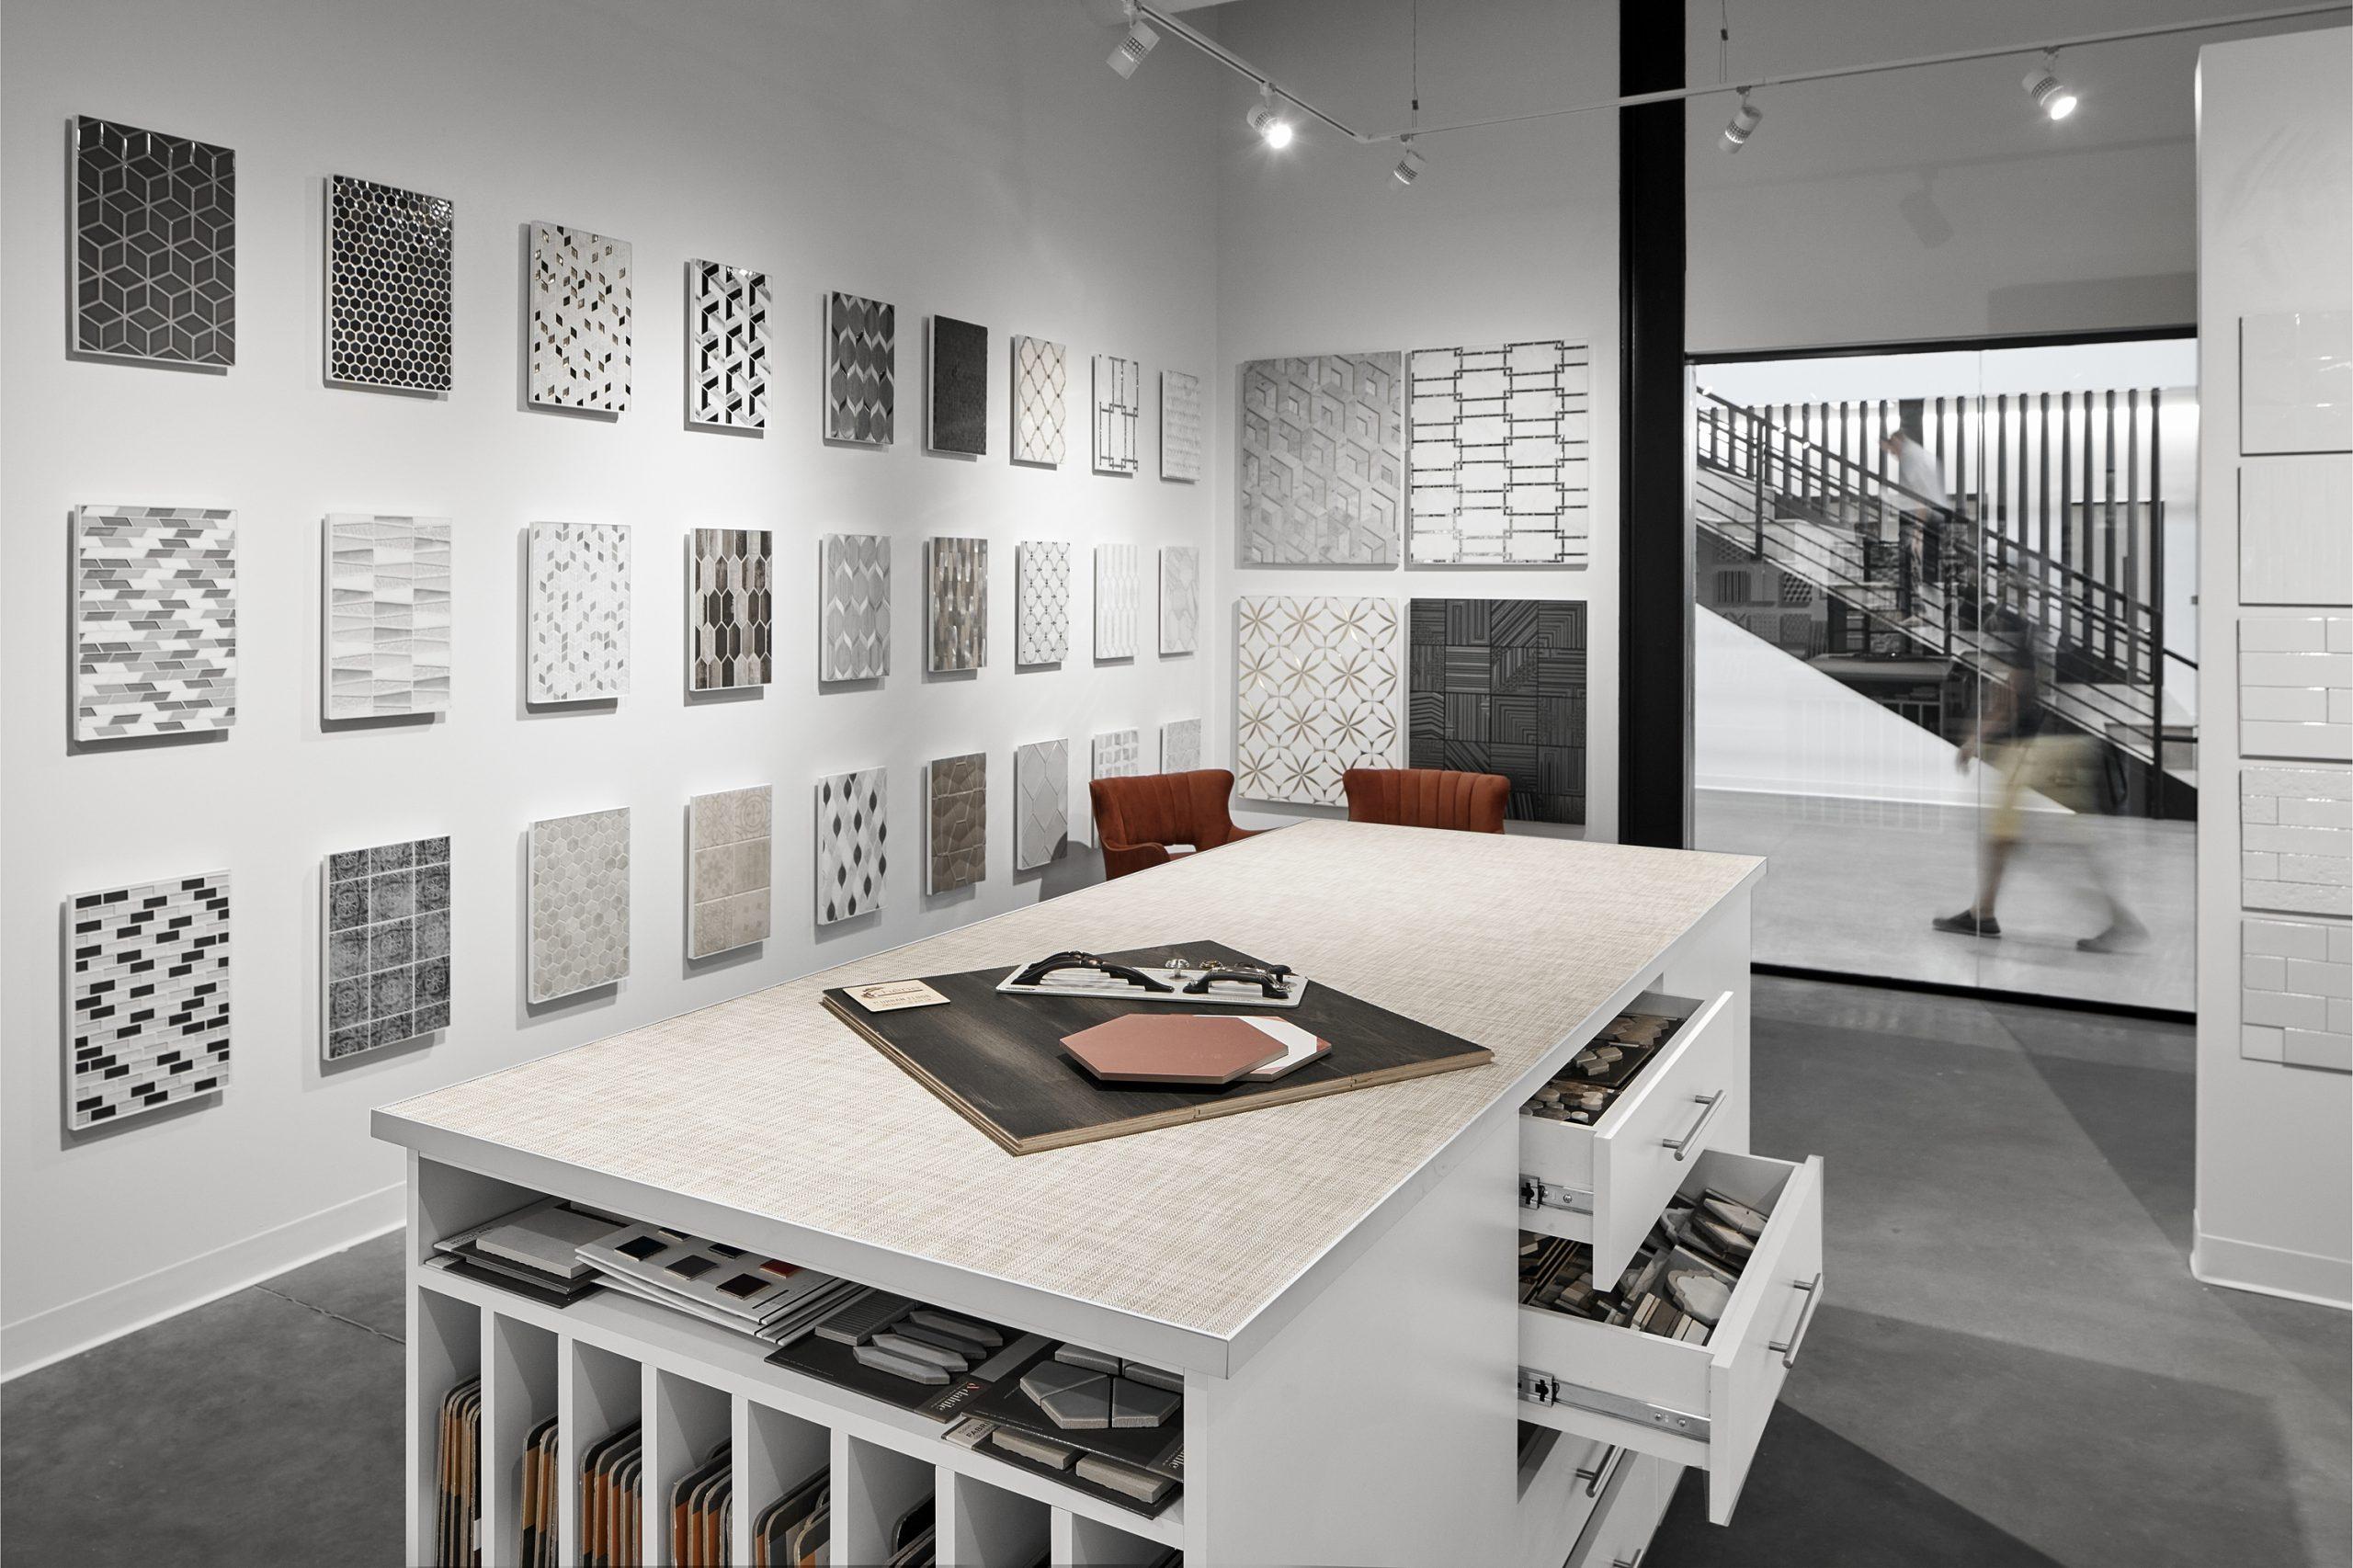 Showroom + Design Studio